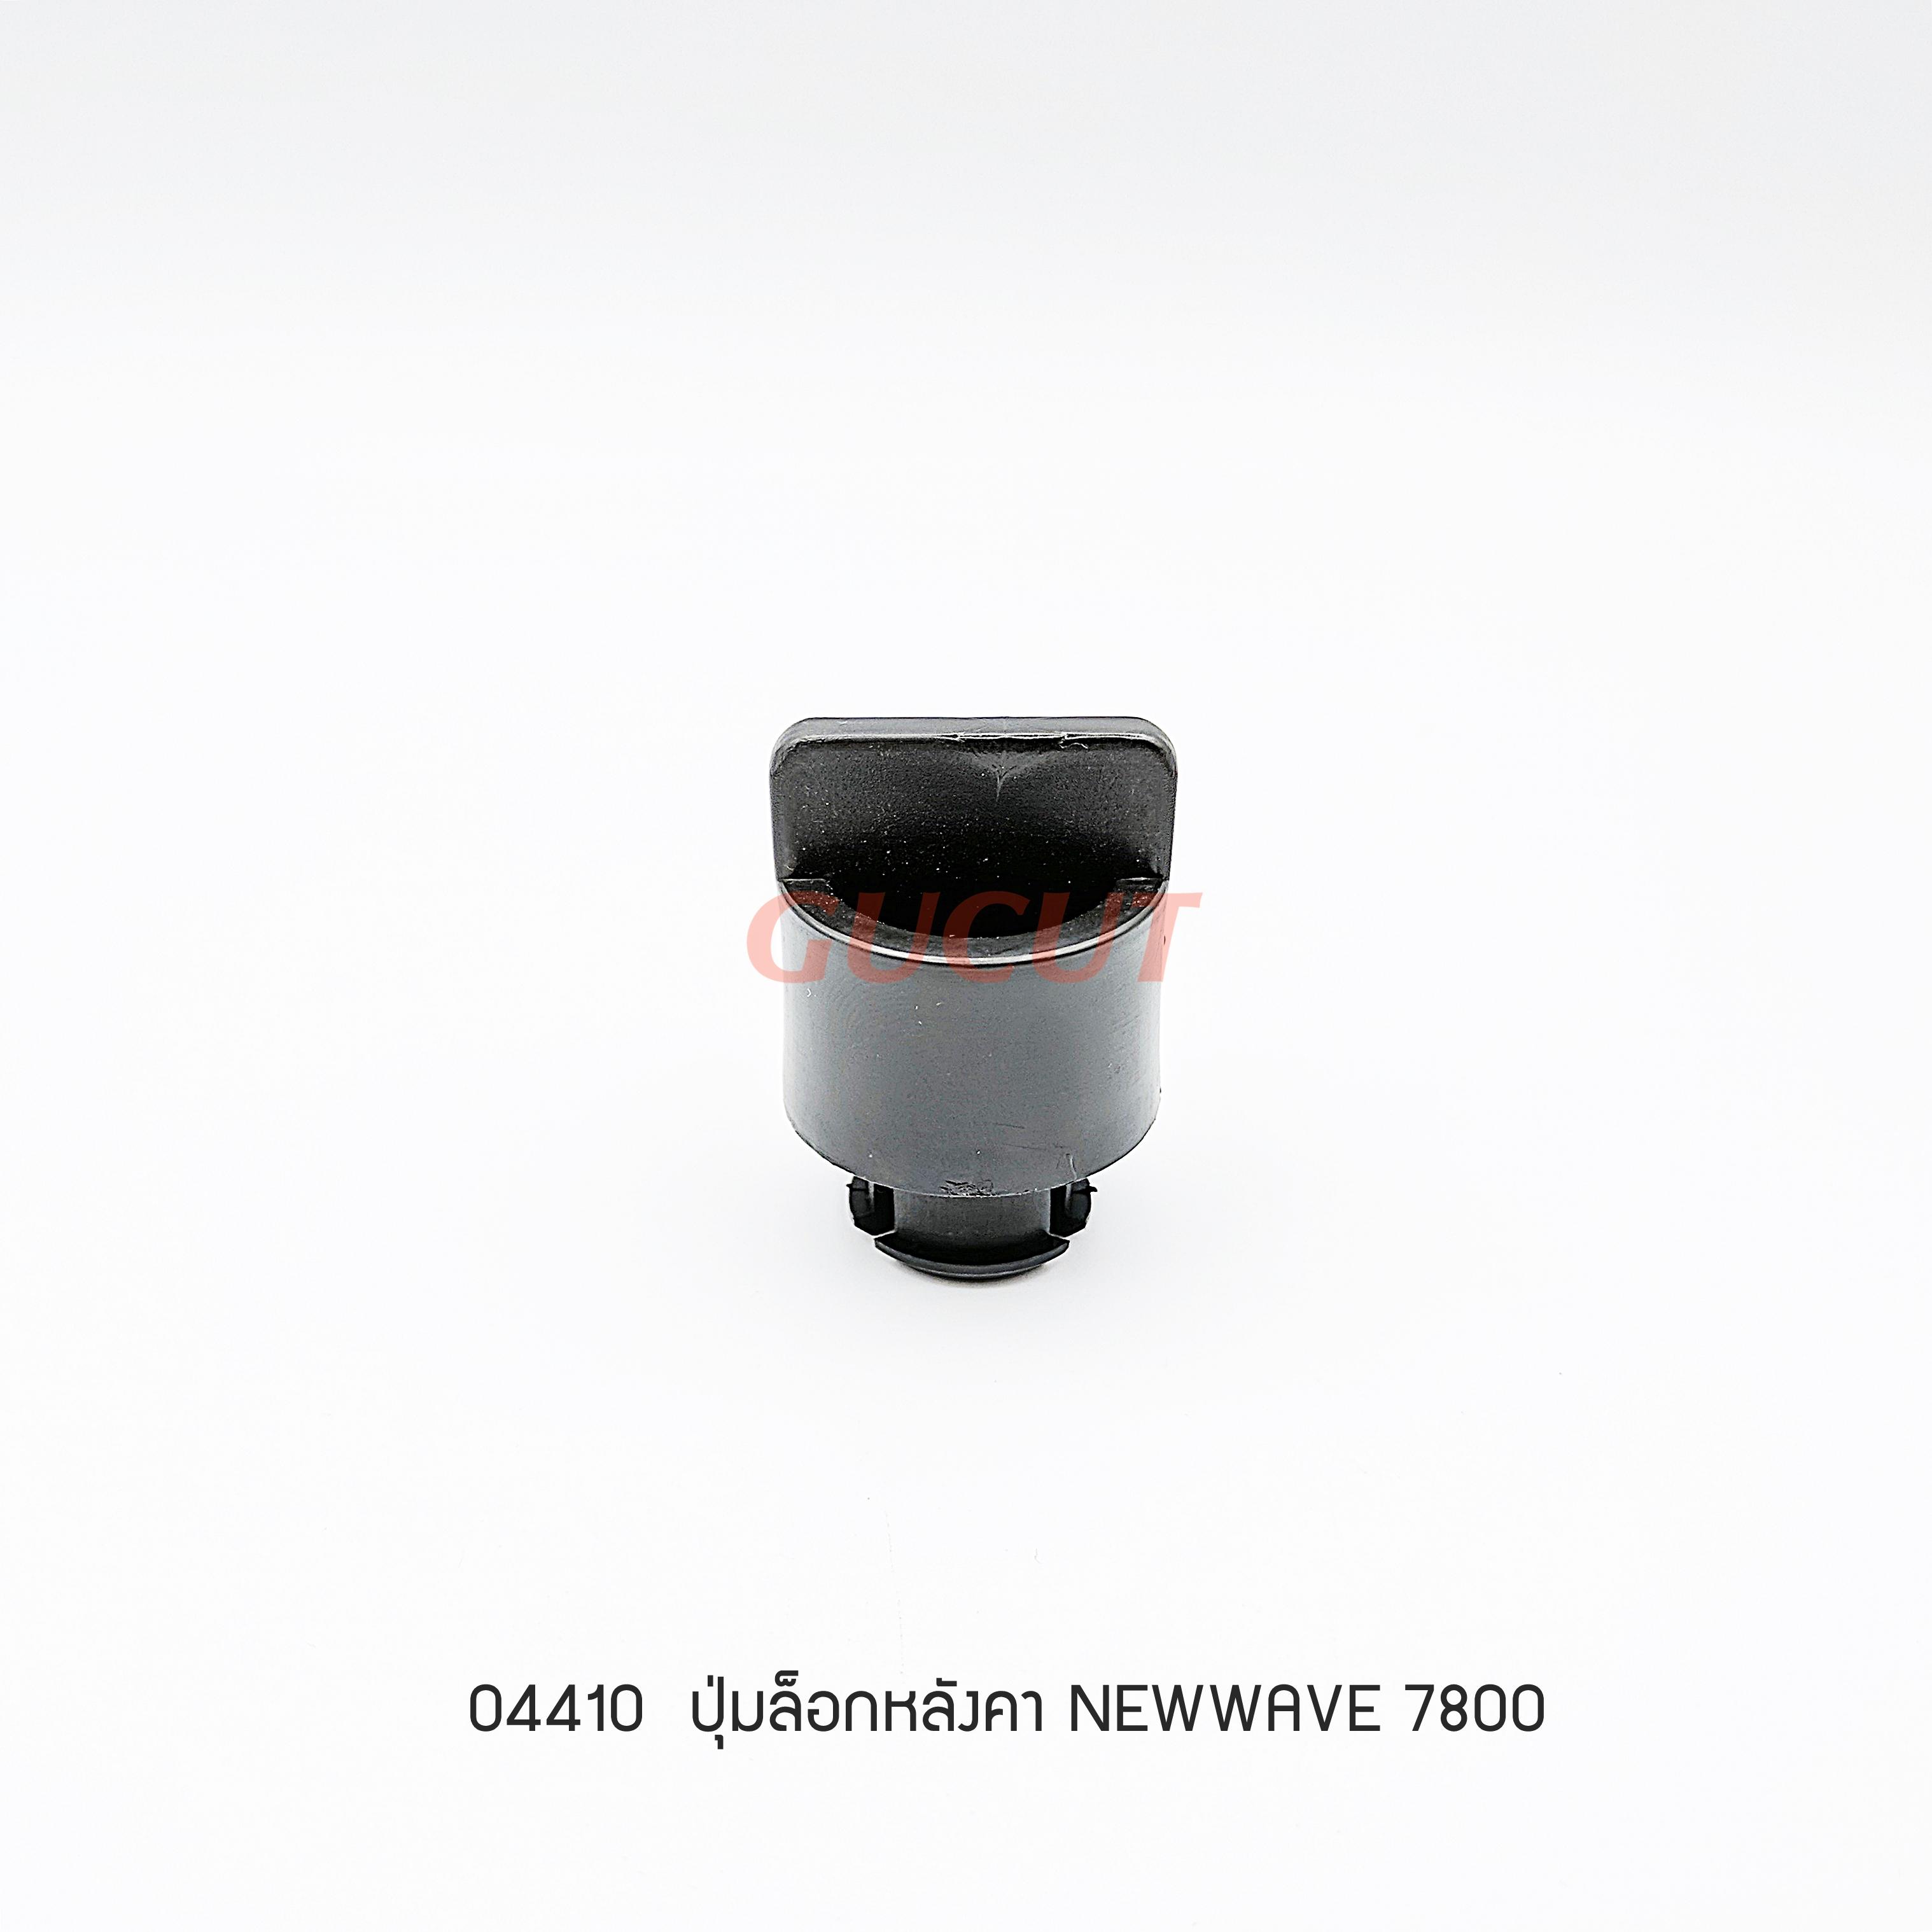 ปุ่มล็อกหลังคา NEWWAVE 7800